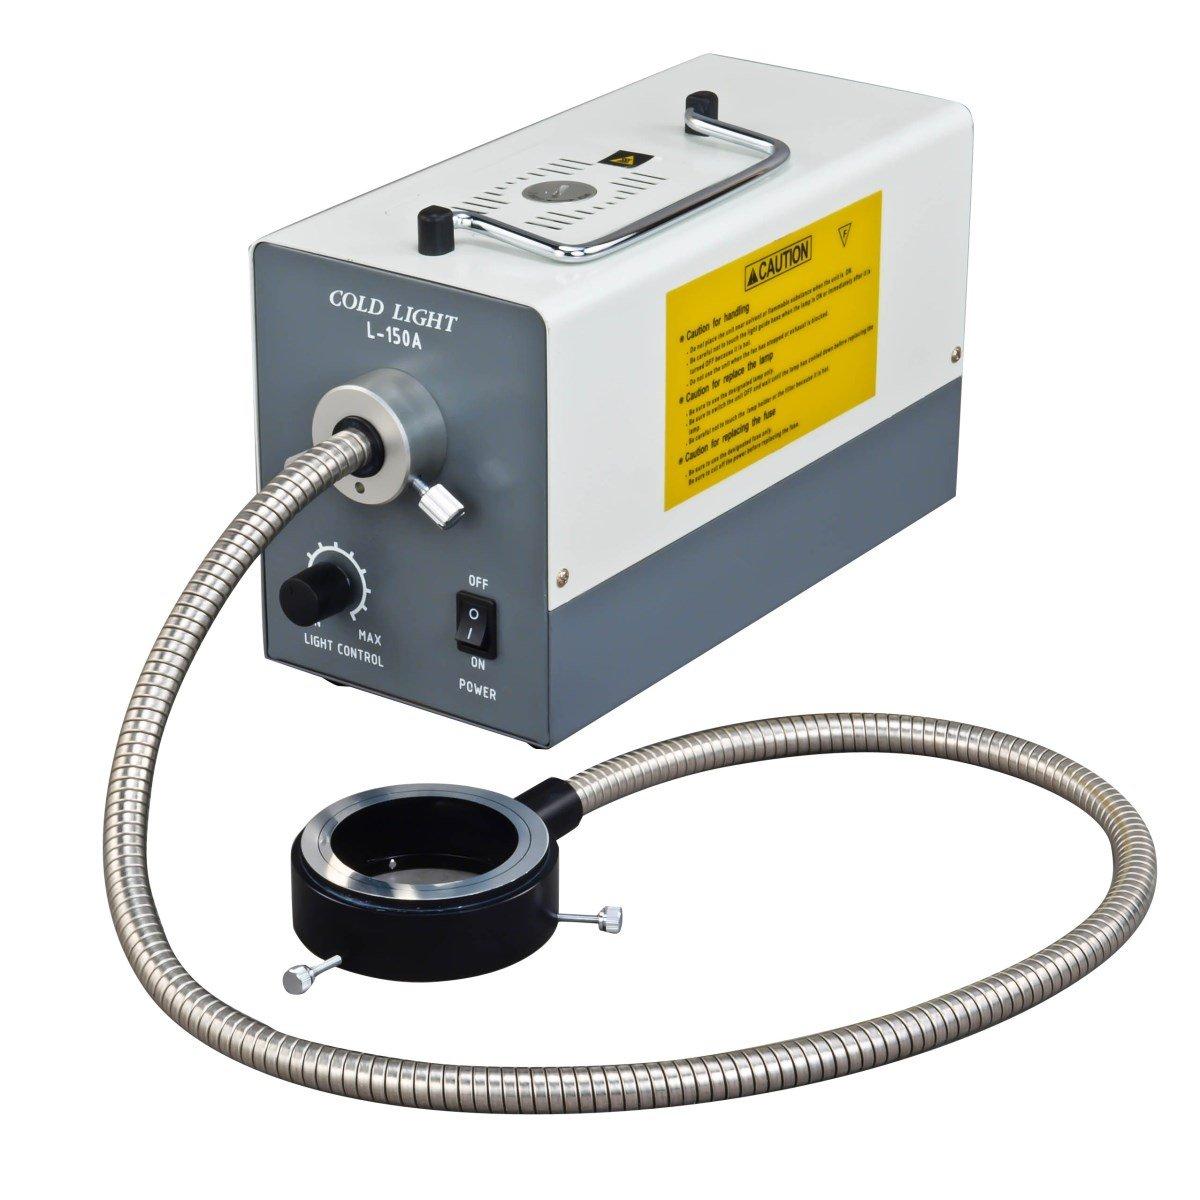 OMAX Kaltring-Leuchte 150 W, mit 0,91 m Faser B01D914JN0 | Deutsche Outlets  | Modern  | Zart